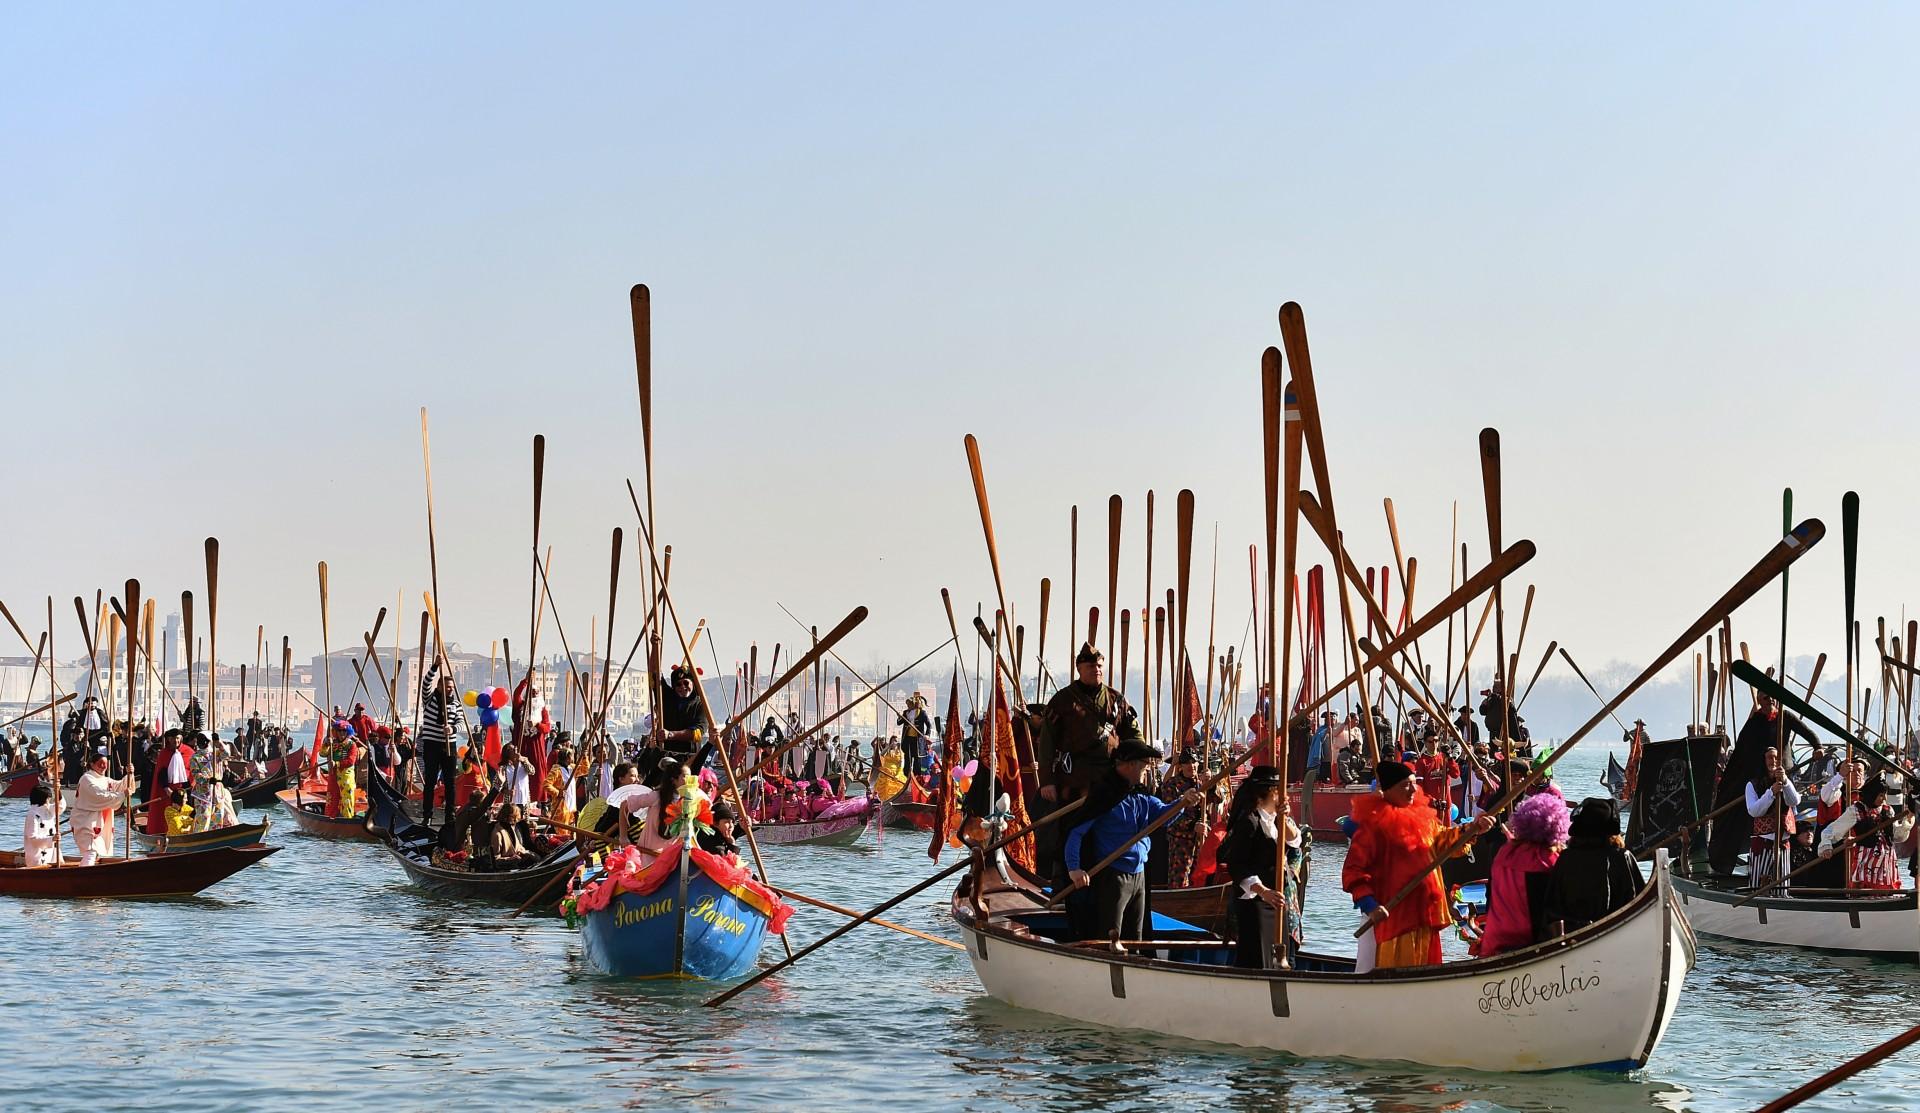 Los barcos con juerguistas enmascarados se mueven en el Gran Canal durante la regata de apertura del Carnaval de Venecia el 17 de febrero de 2019.